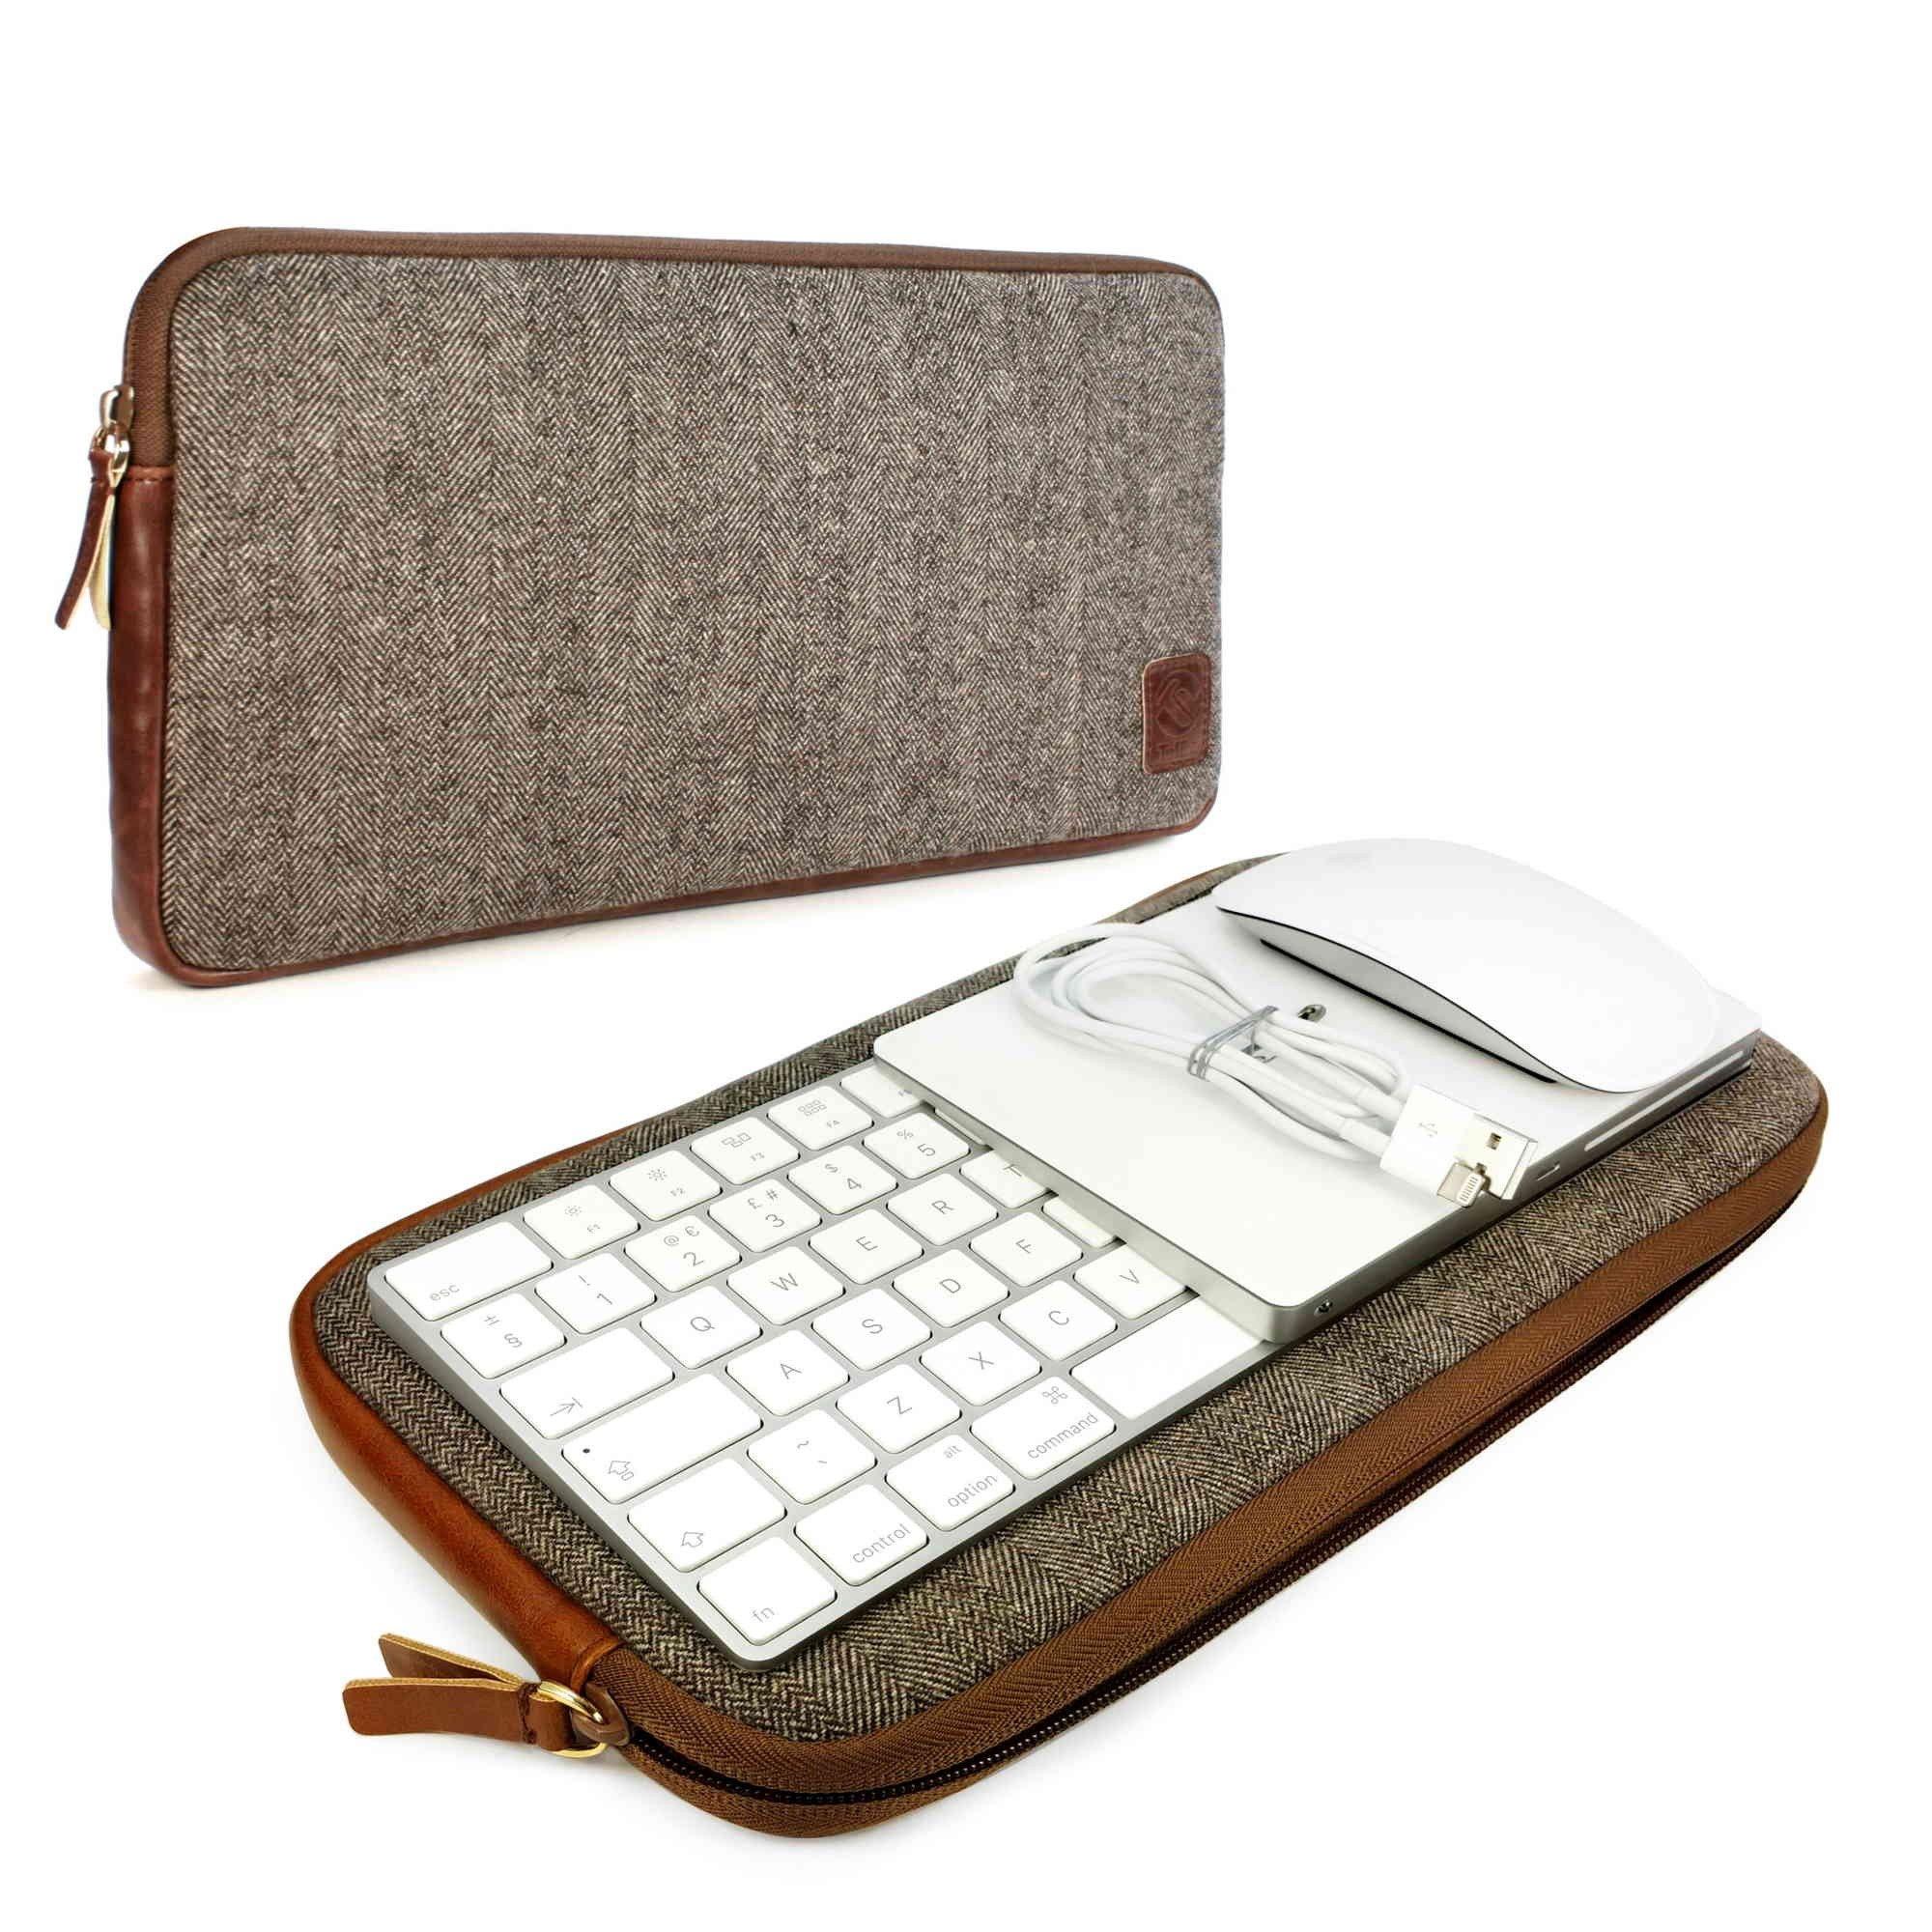 Tuff-Luv J15_20_5055261824563 Tastiera Portafoglio Marrone, Grigio mobile device cases